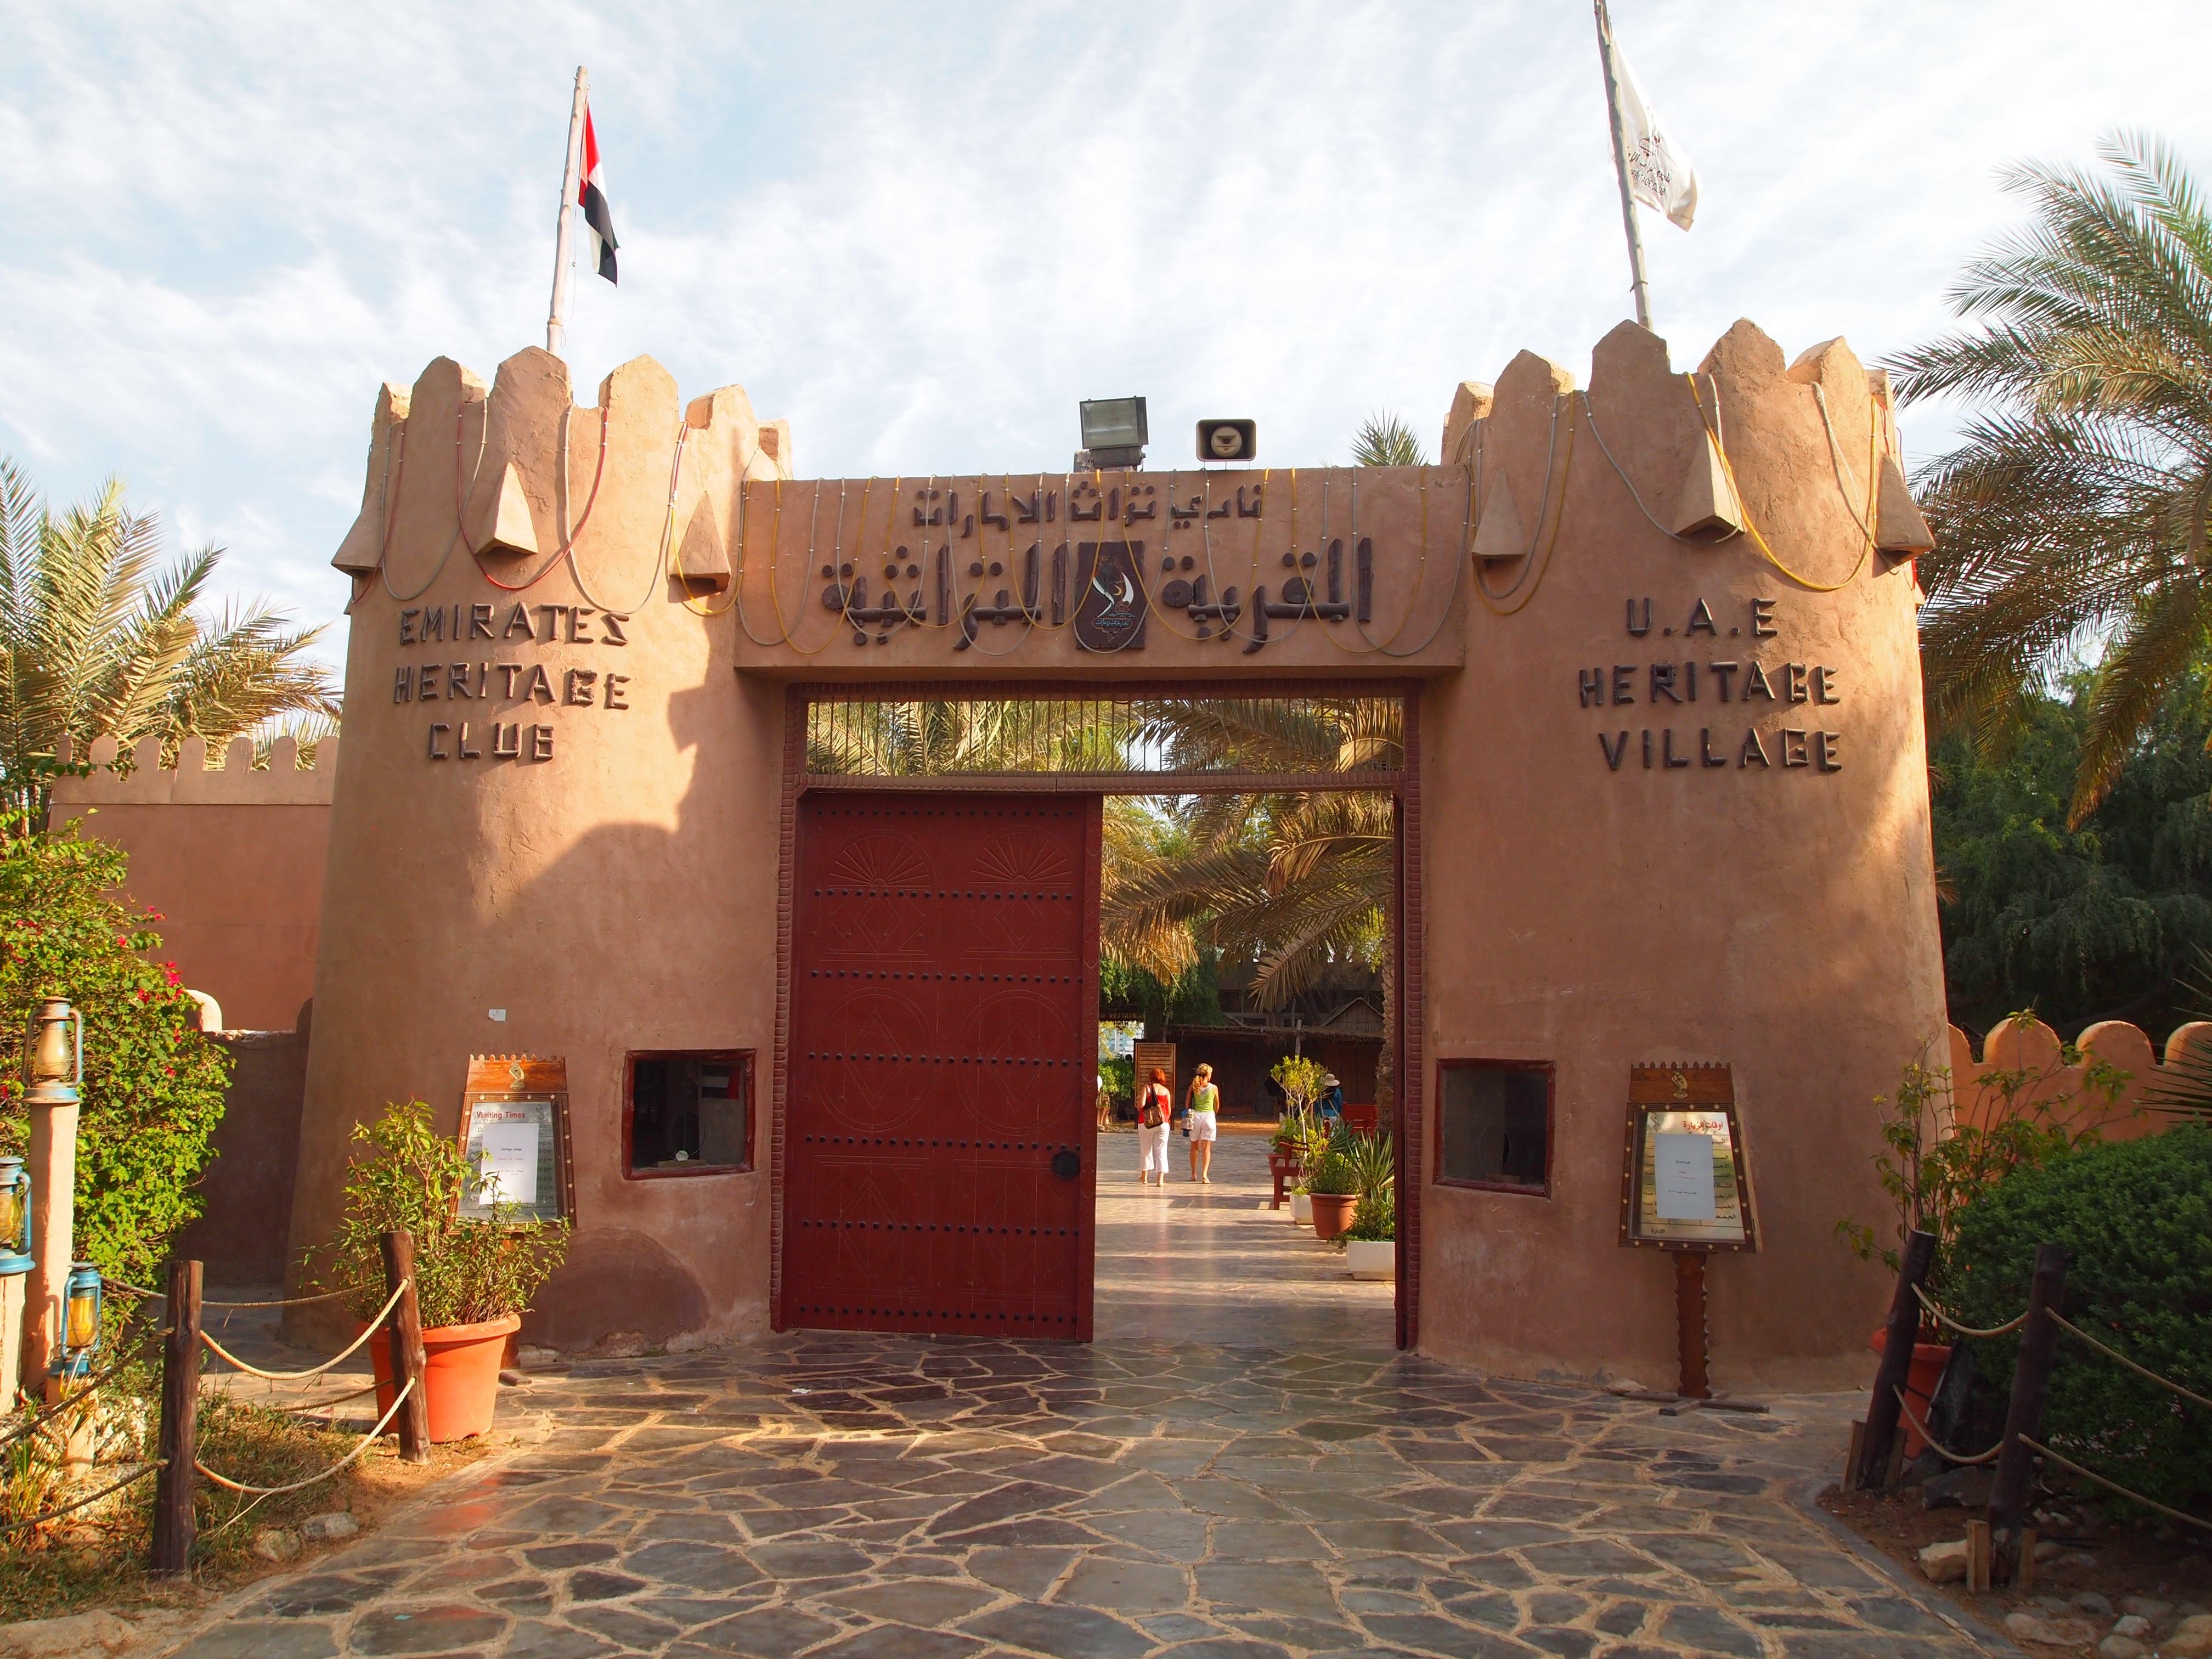 Heritage-Village-Abu-Dhabi - Must see places in Abu Dhabi